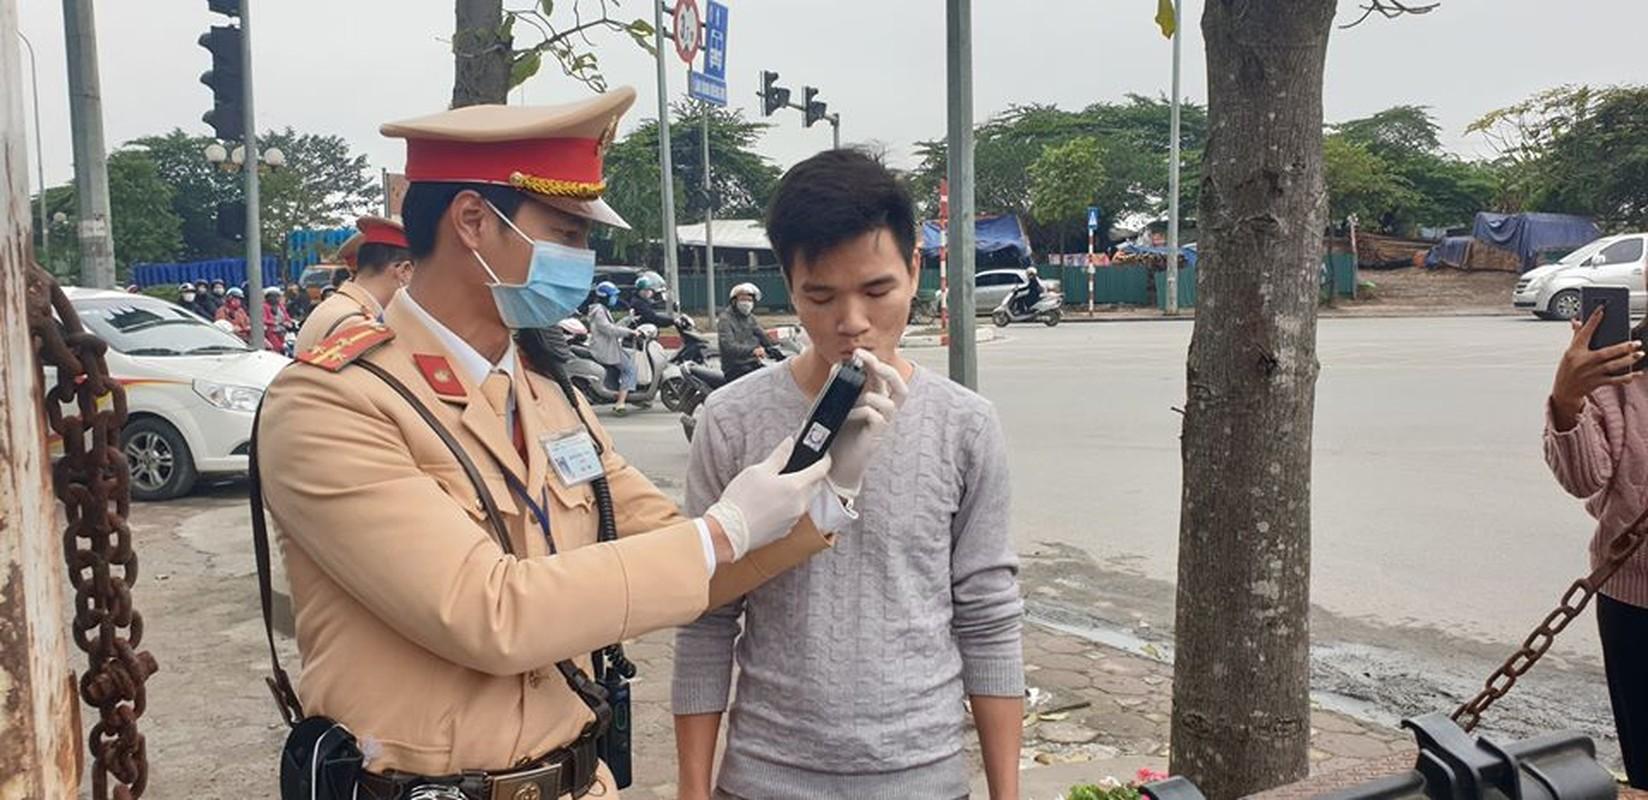 Tai sao nguoi dan Ha Noi vui ve huong ung khi CSGT Ha Noi kiem tra nong do con?-Hinh-8